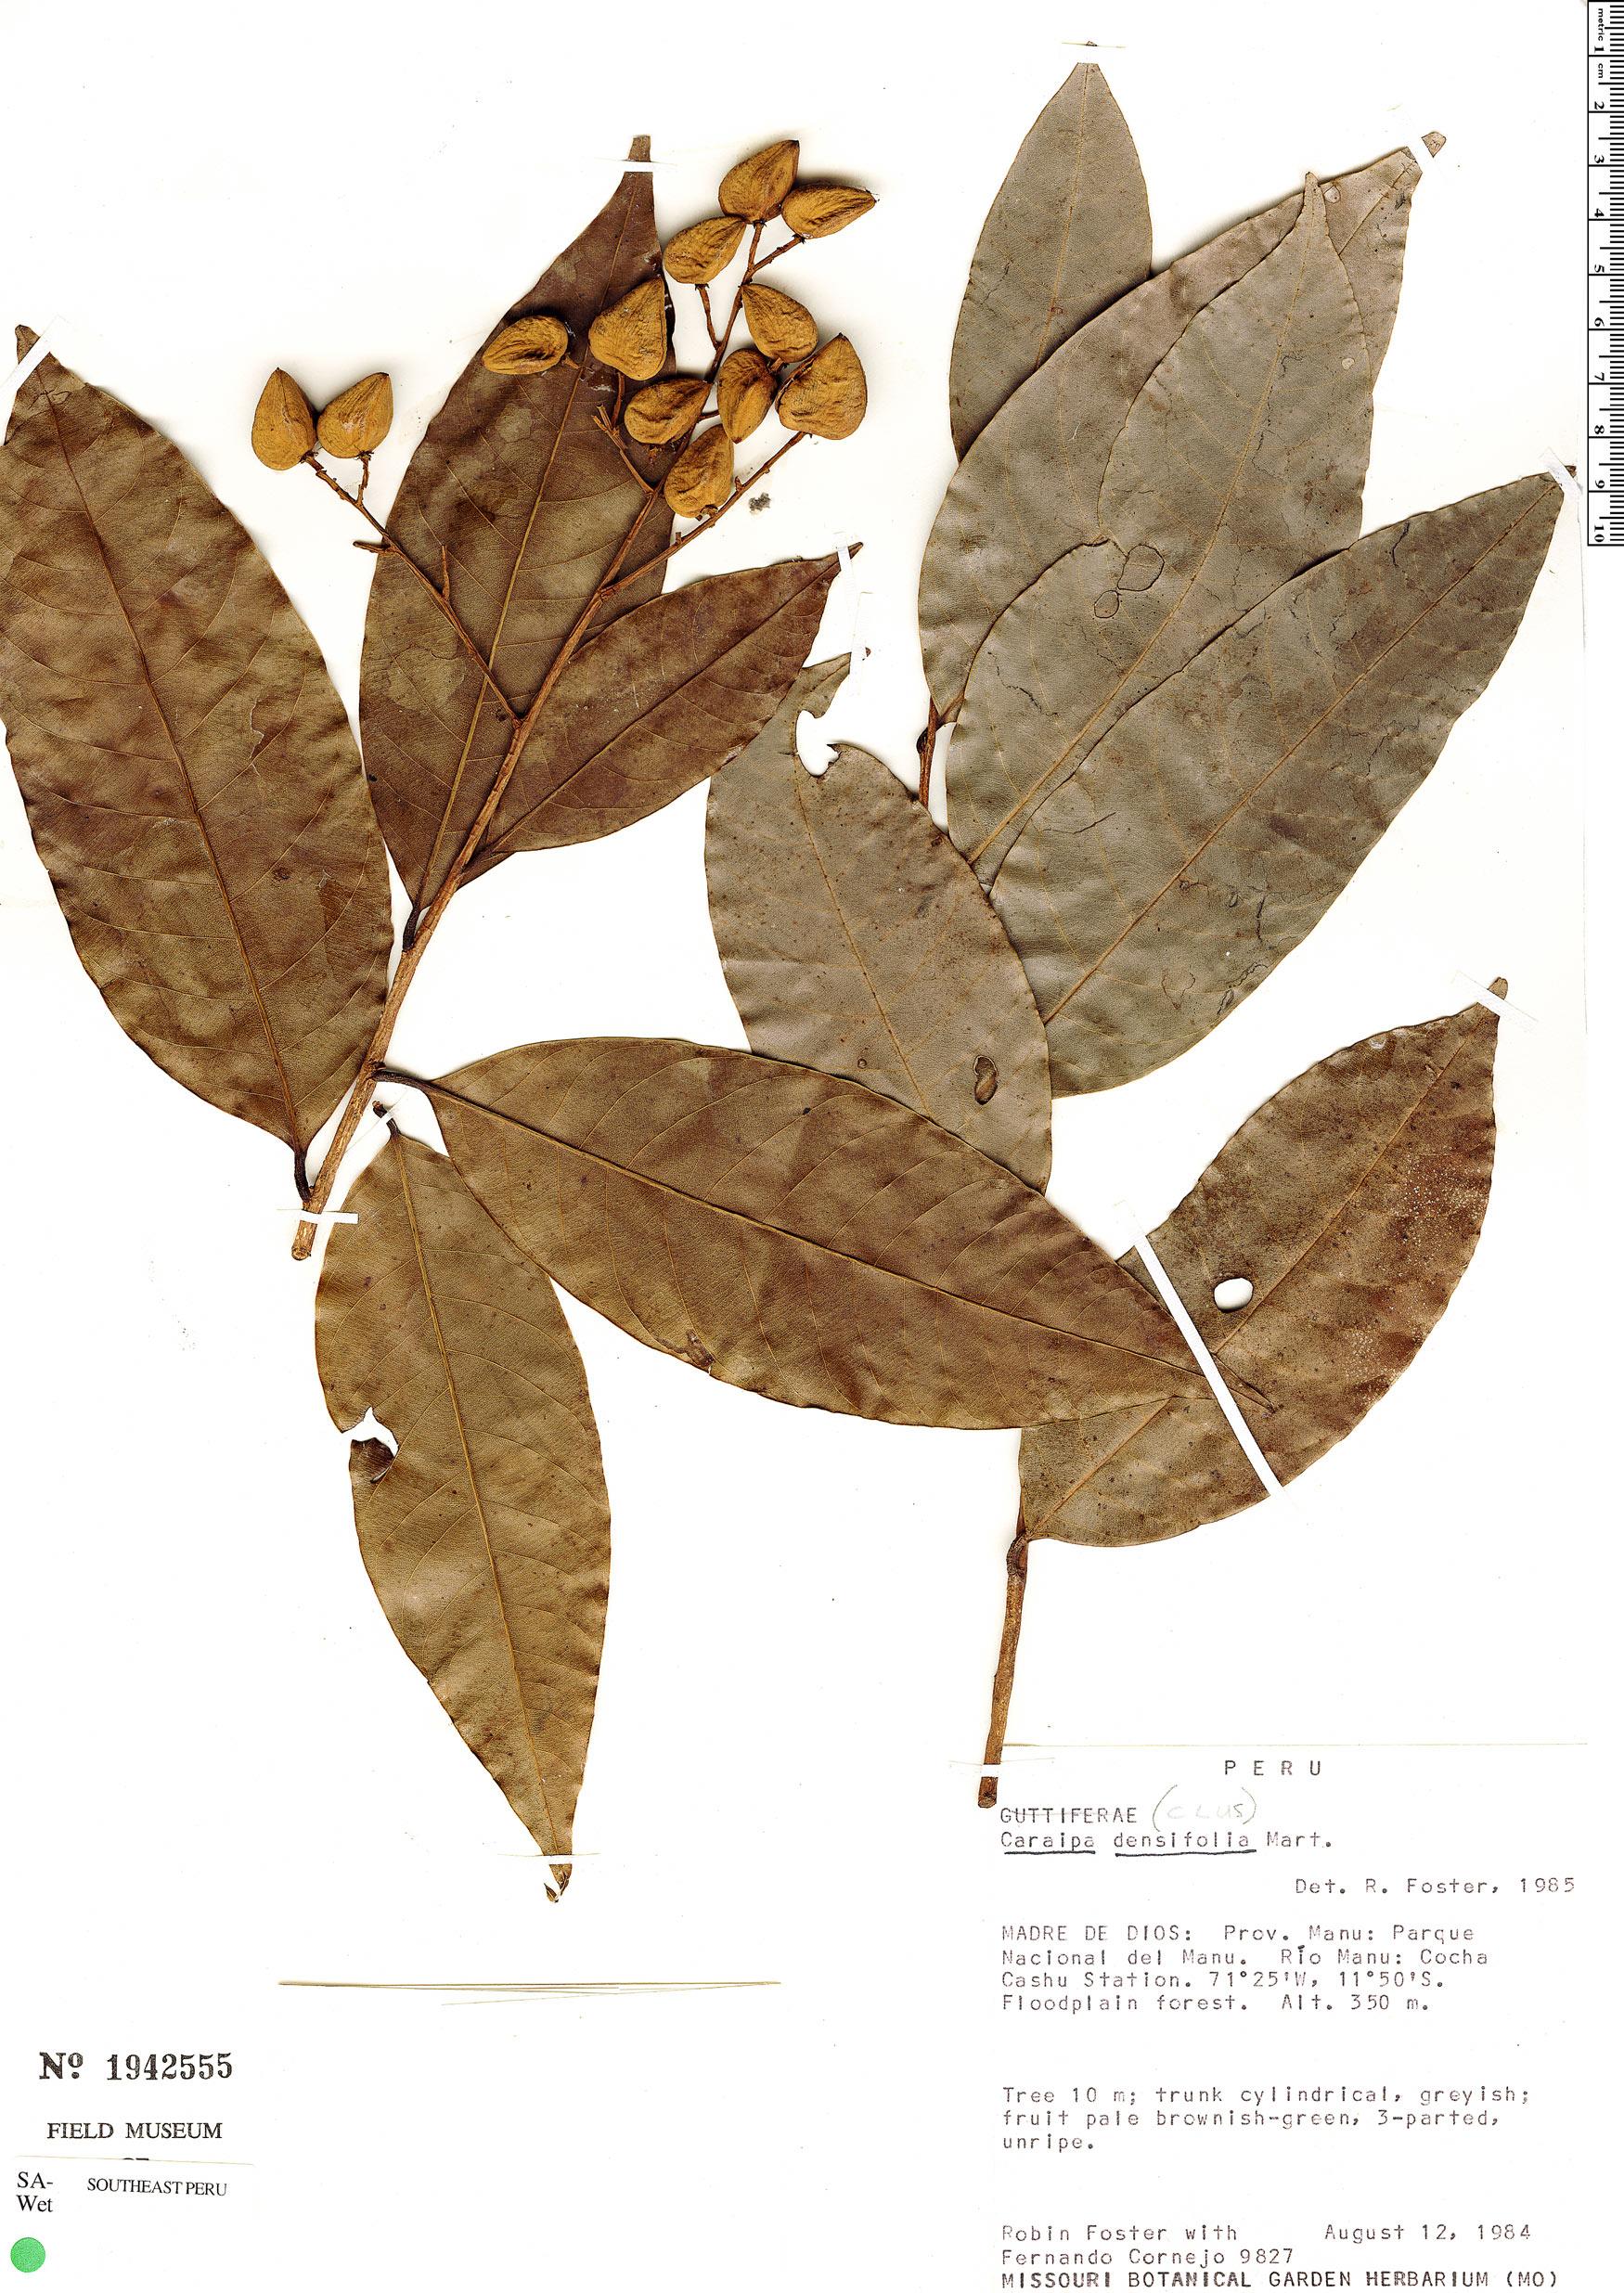 Specimen: Caraipa densifolia